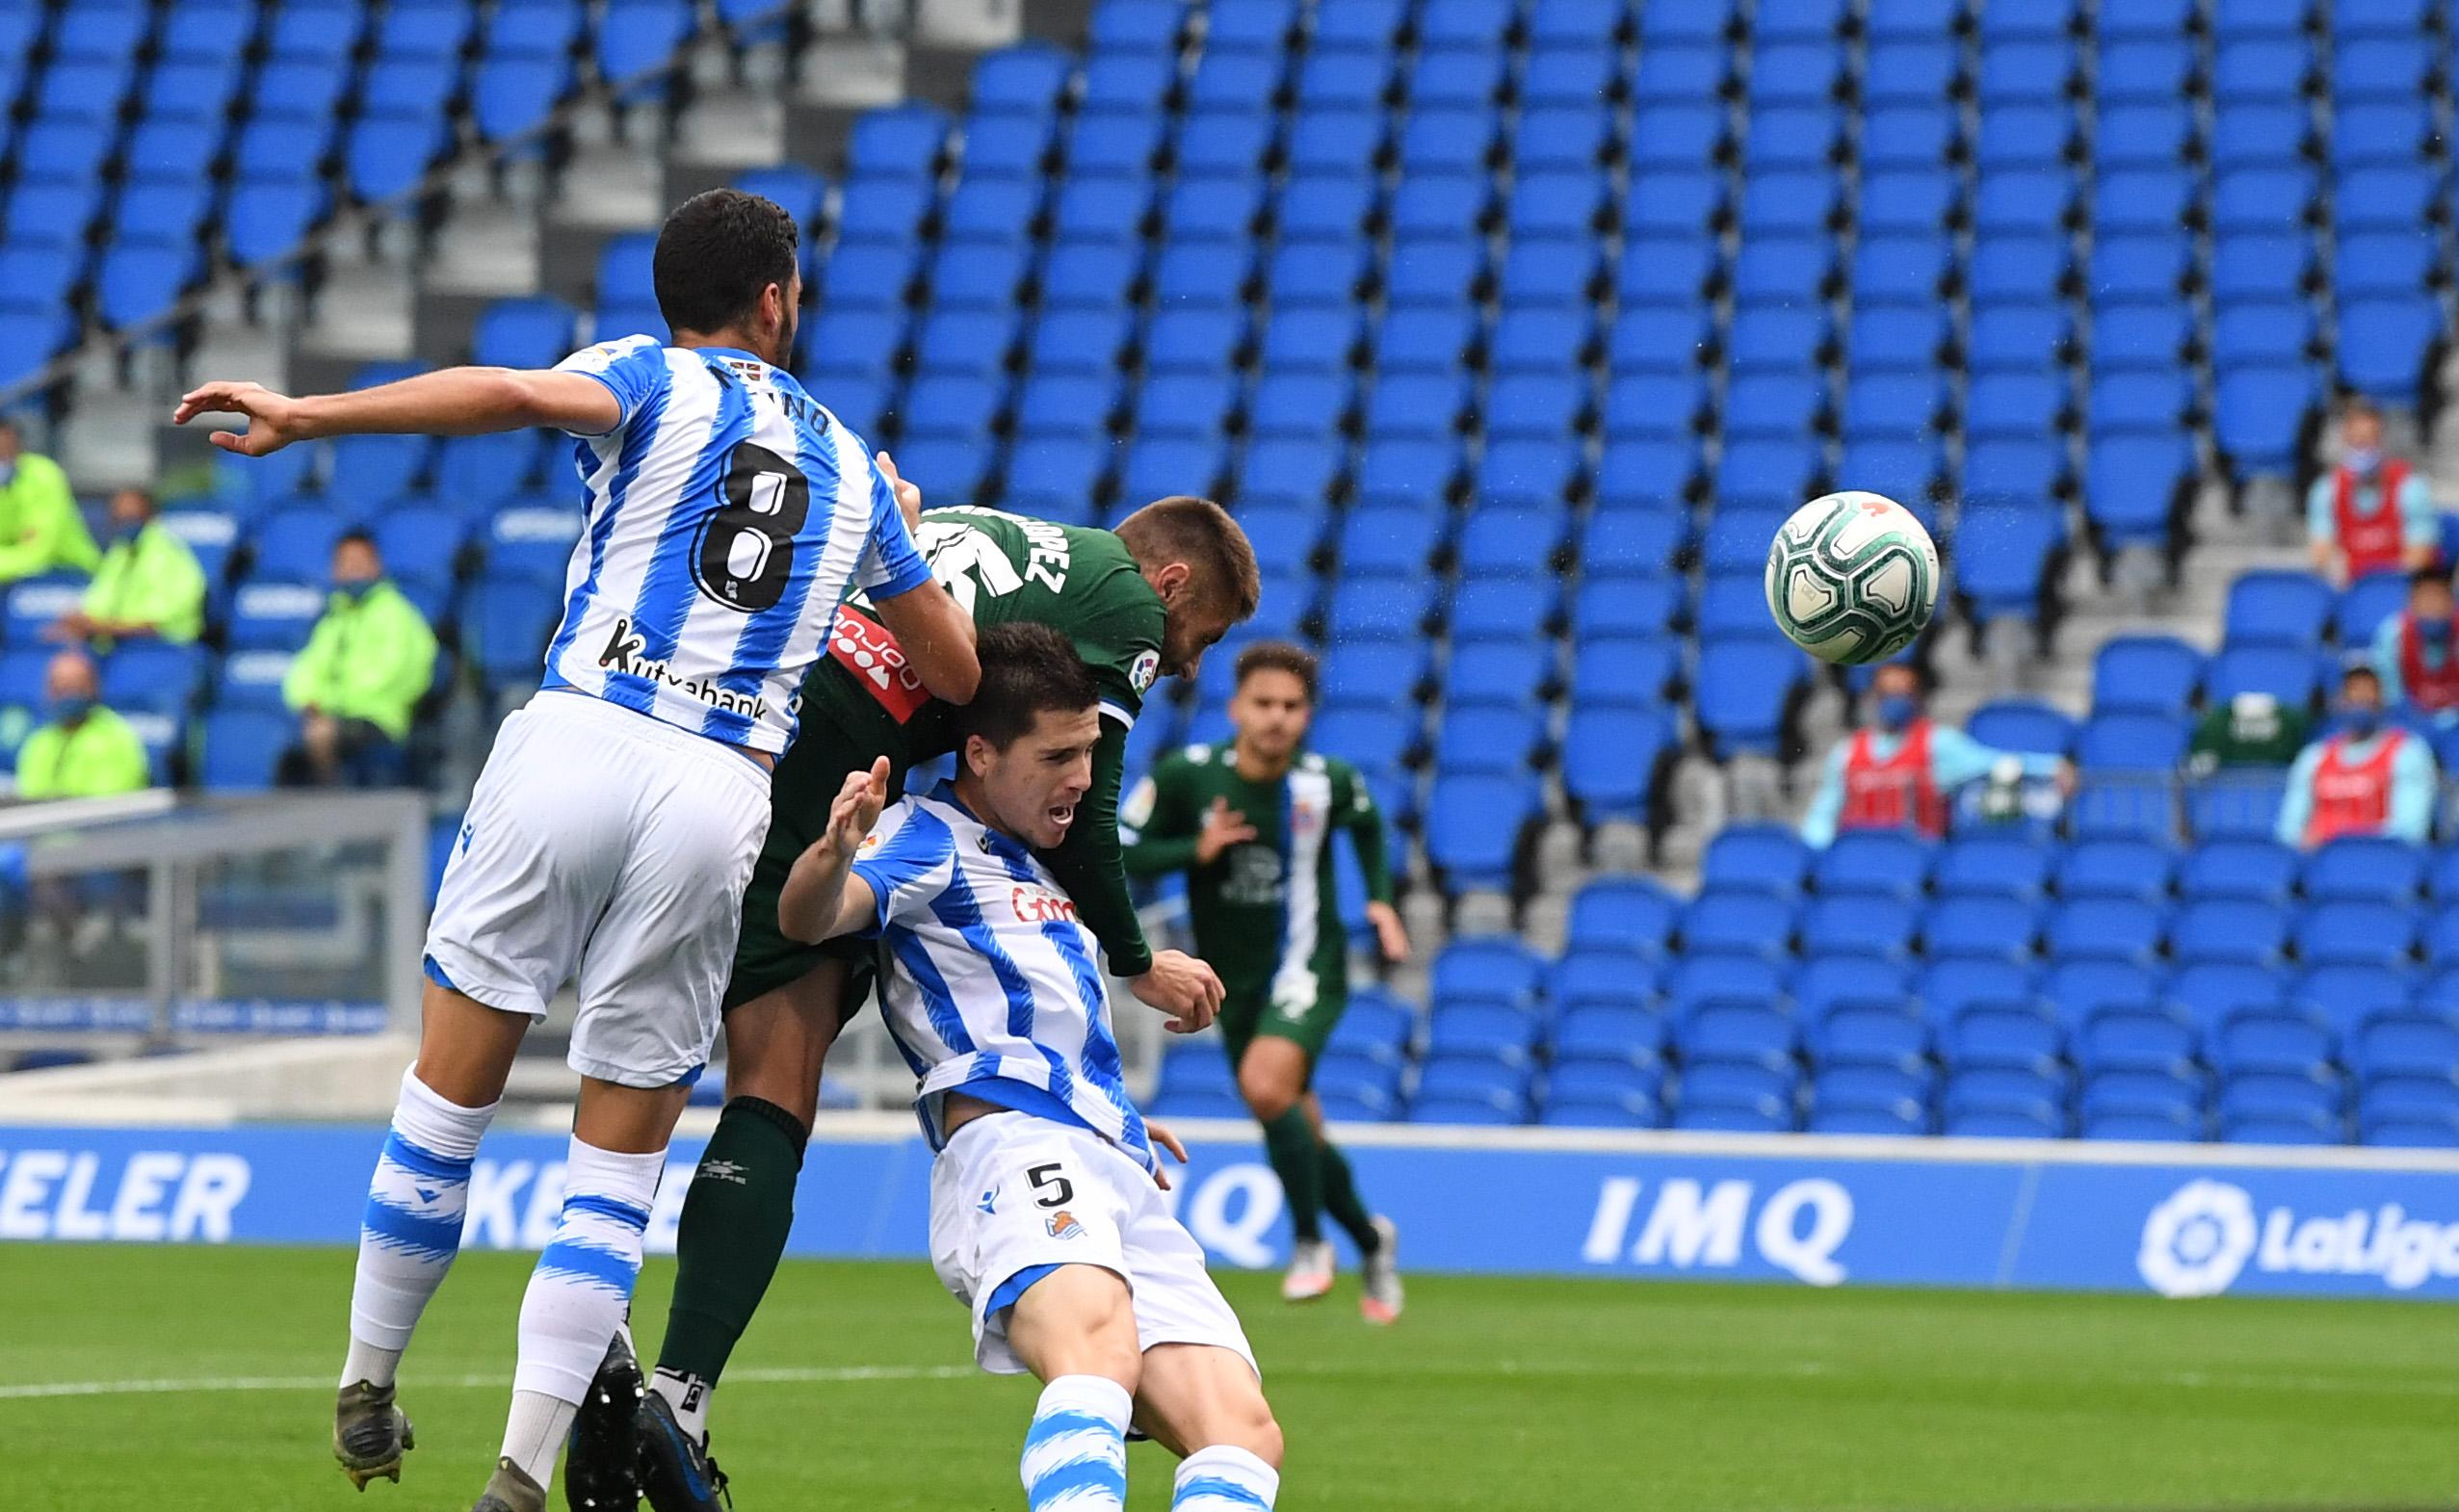 西人中卫洛佩斯本赛季西甲进4球,与武磊并列队内第一